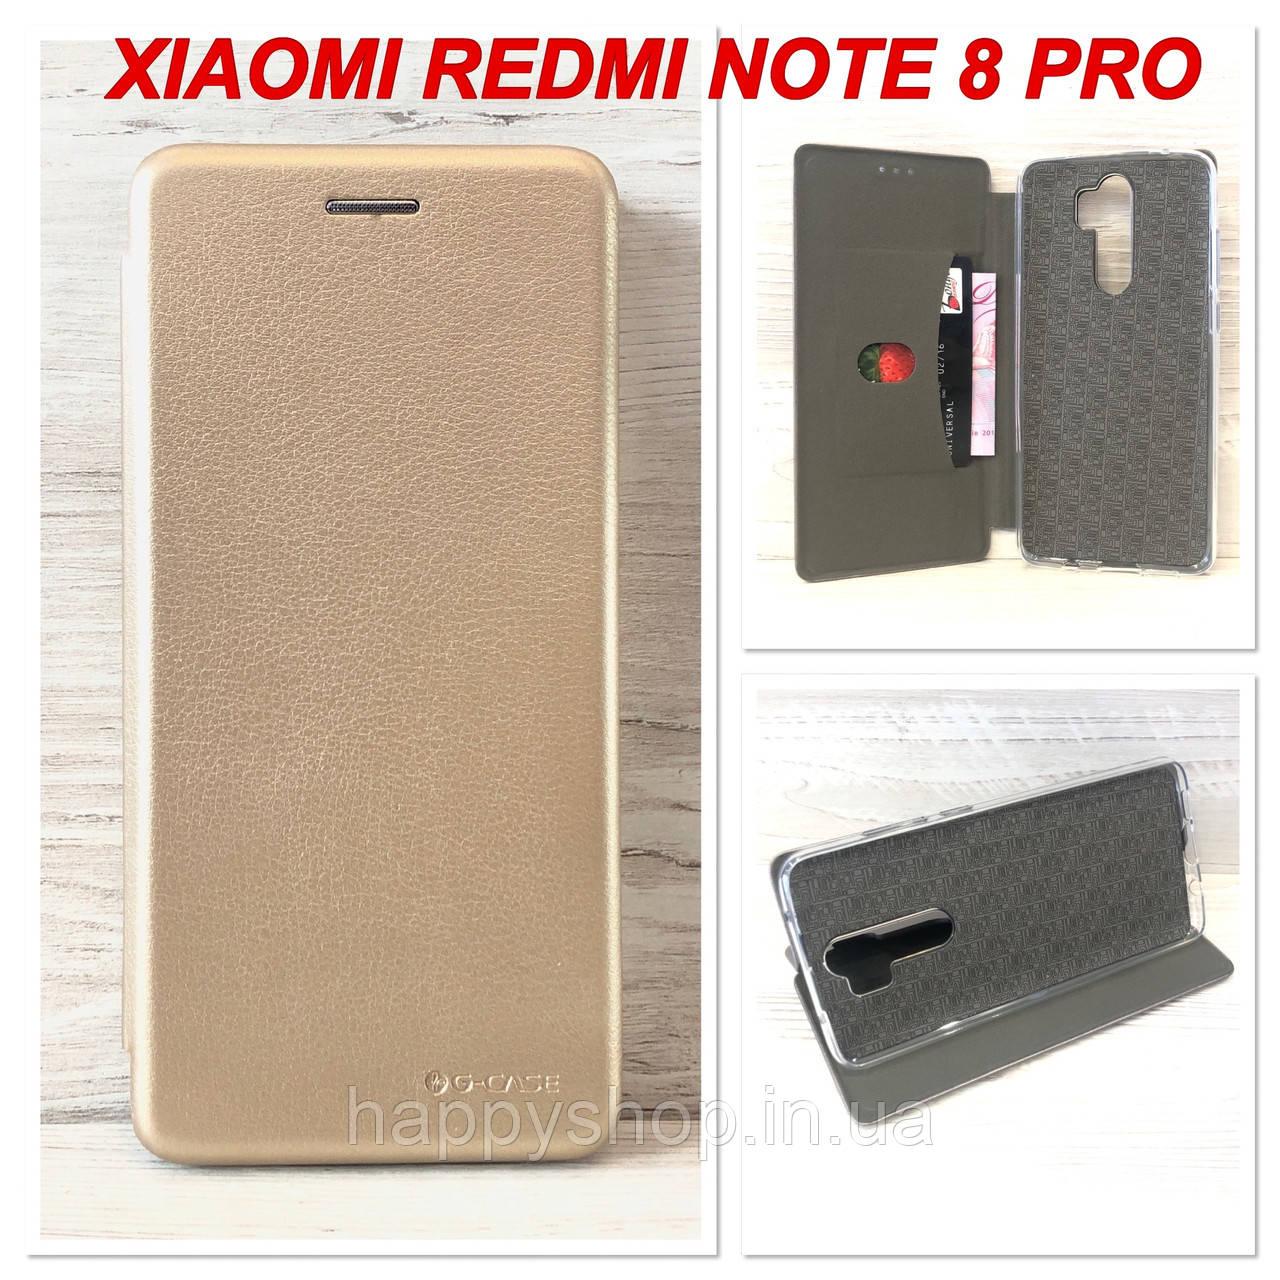 Чехол-книжка G-Case для Xiaomi Redmi Note 8 Pro (Золотой)